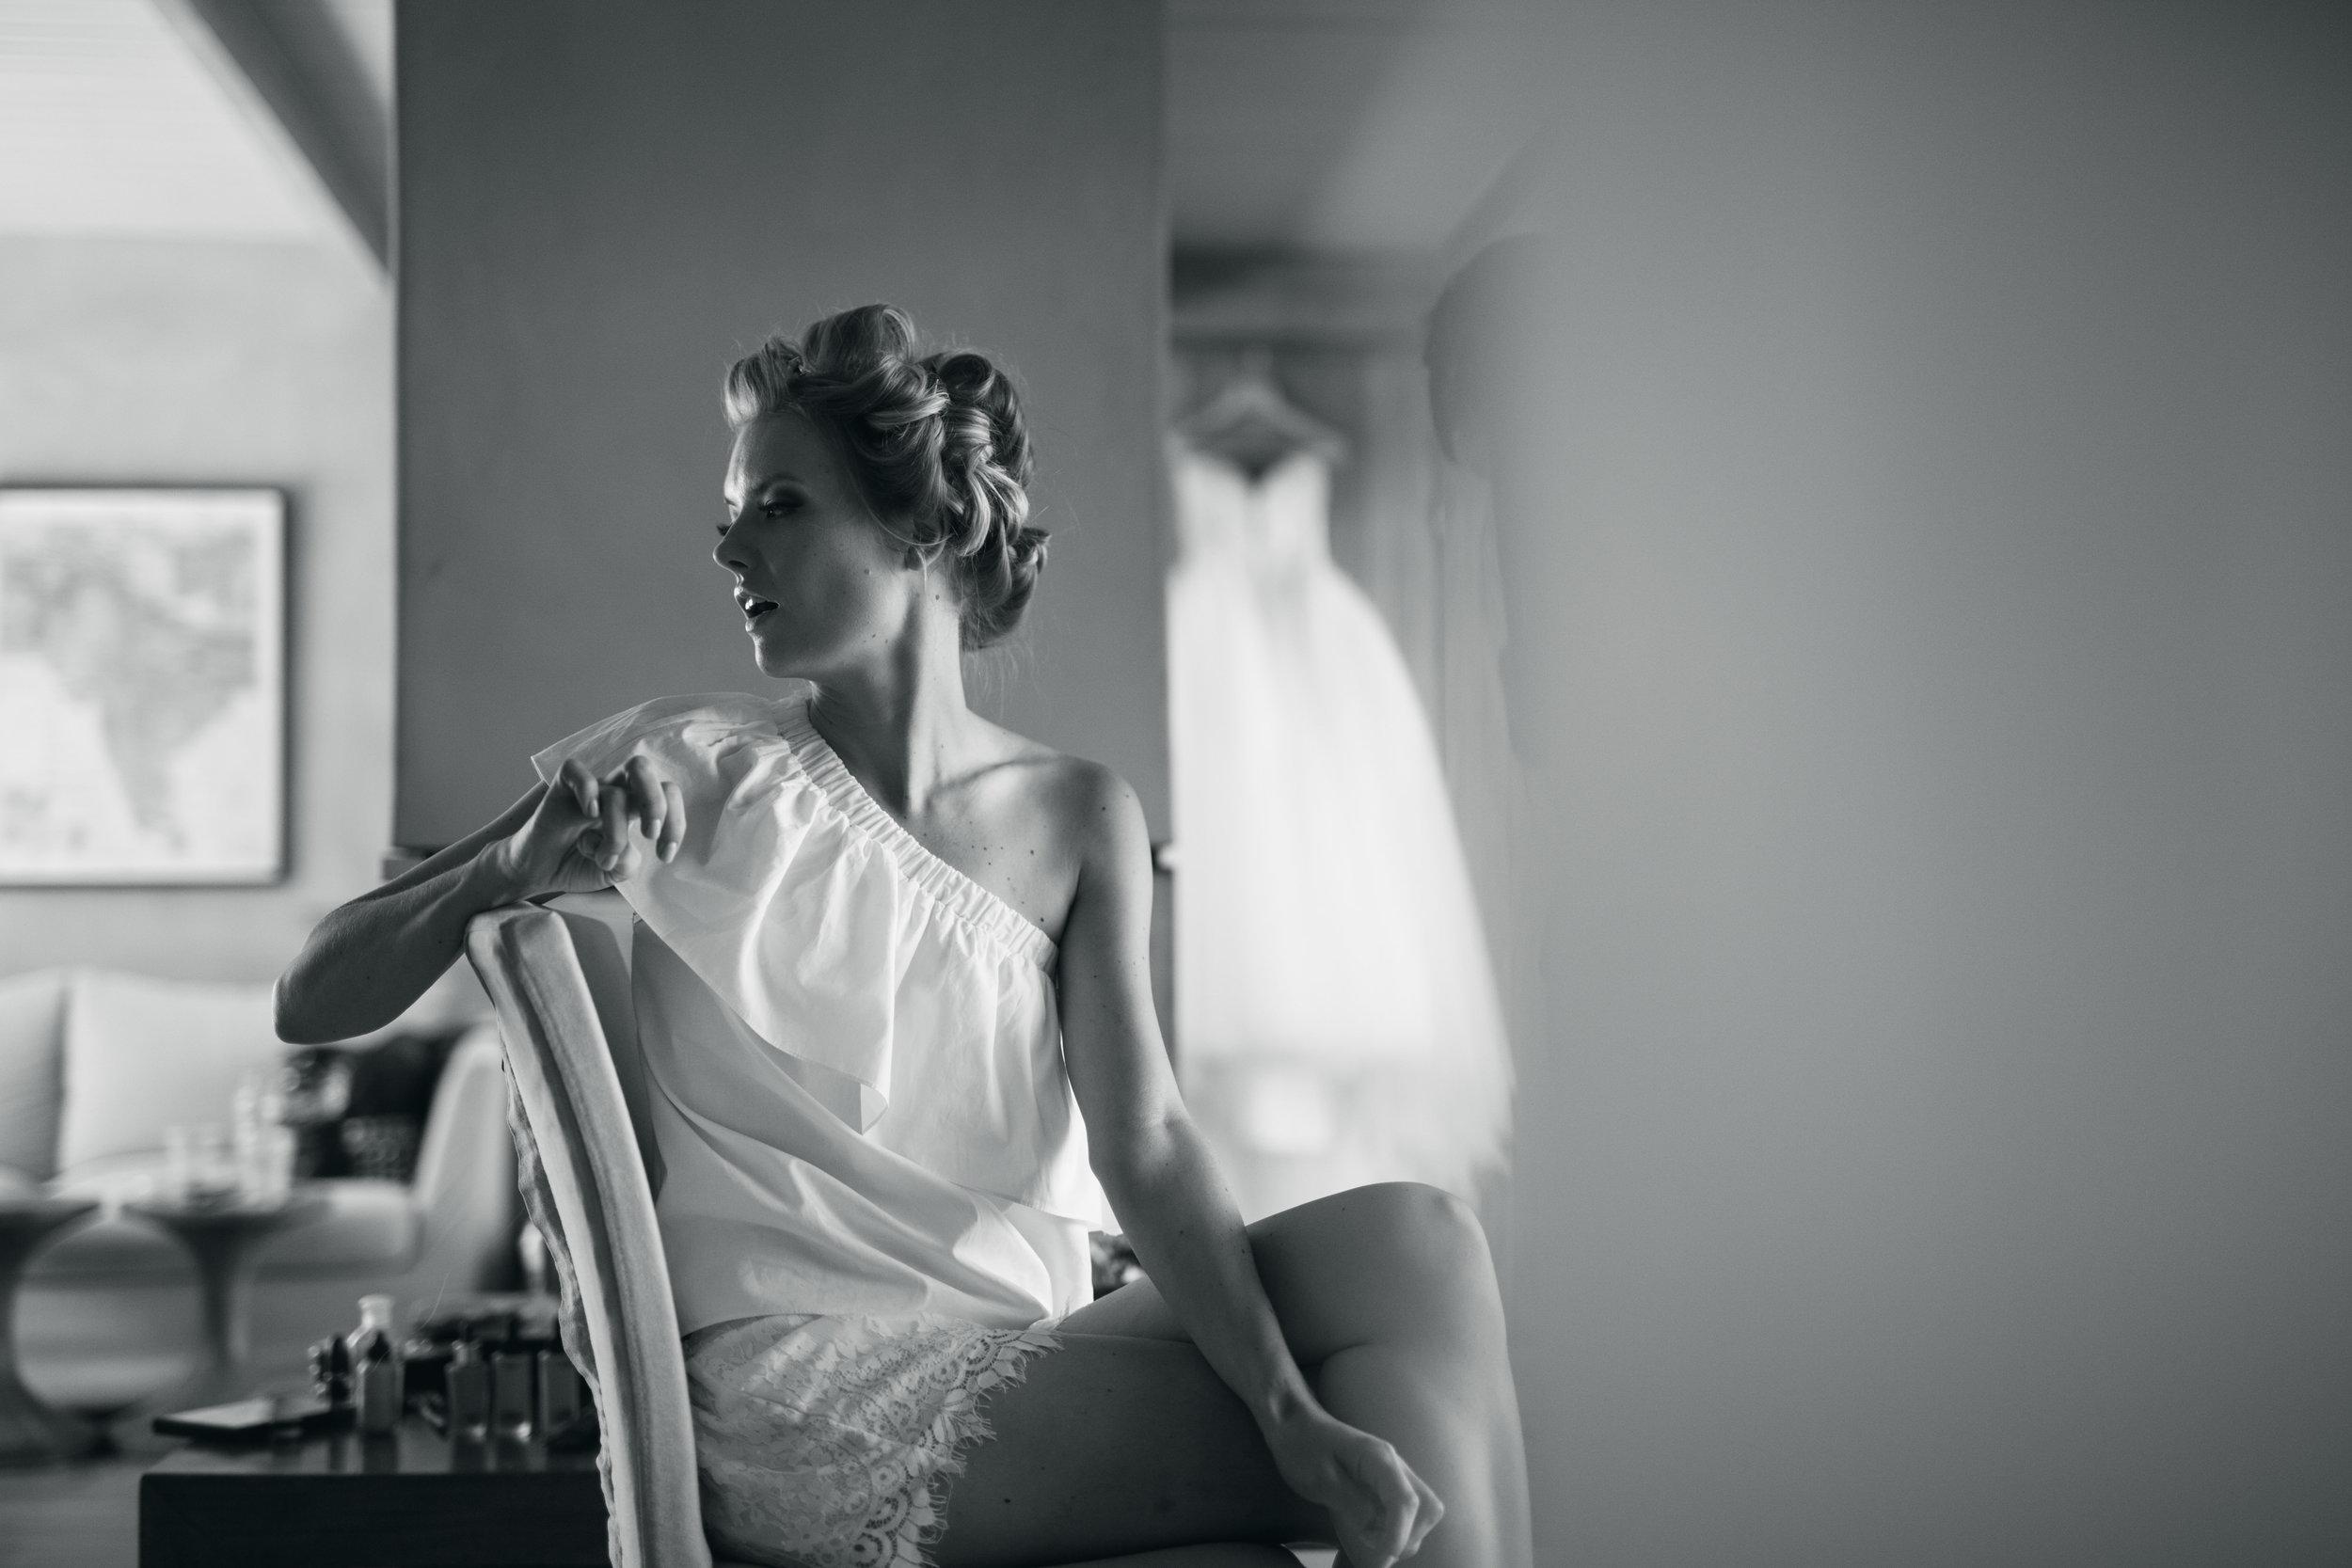 Wedtime_Stories_-_Nikolaos__Stefanie_-_Bride_Preparation-45.jpg